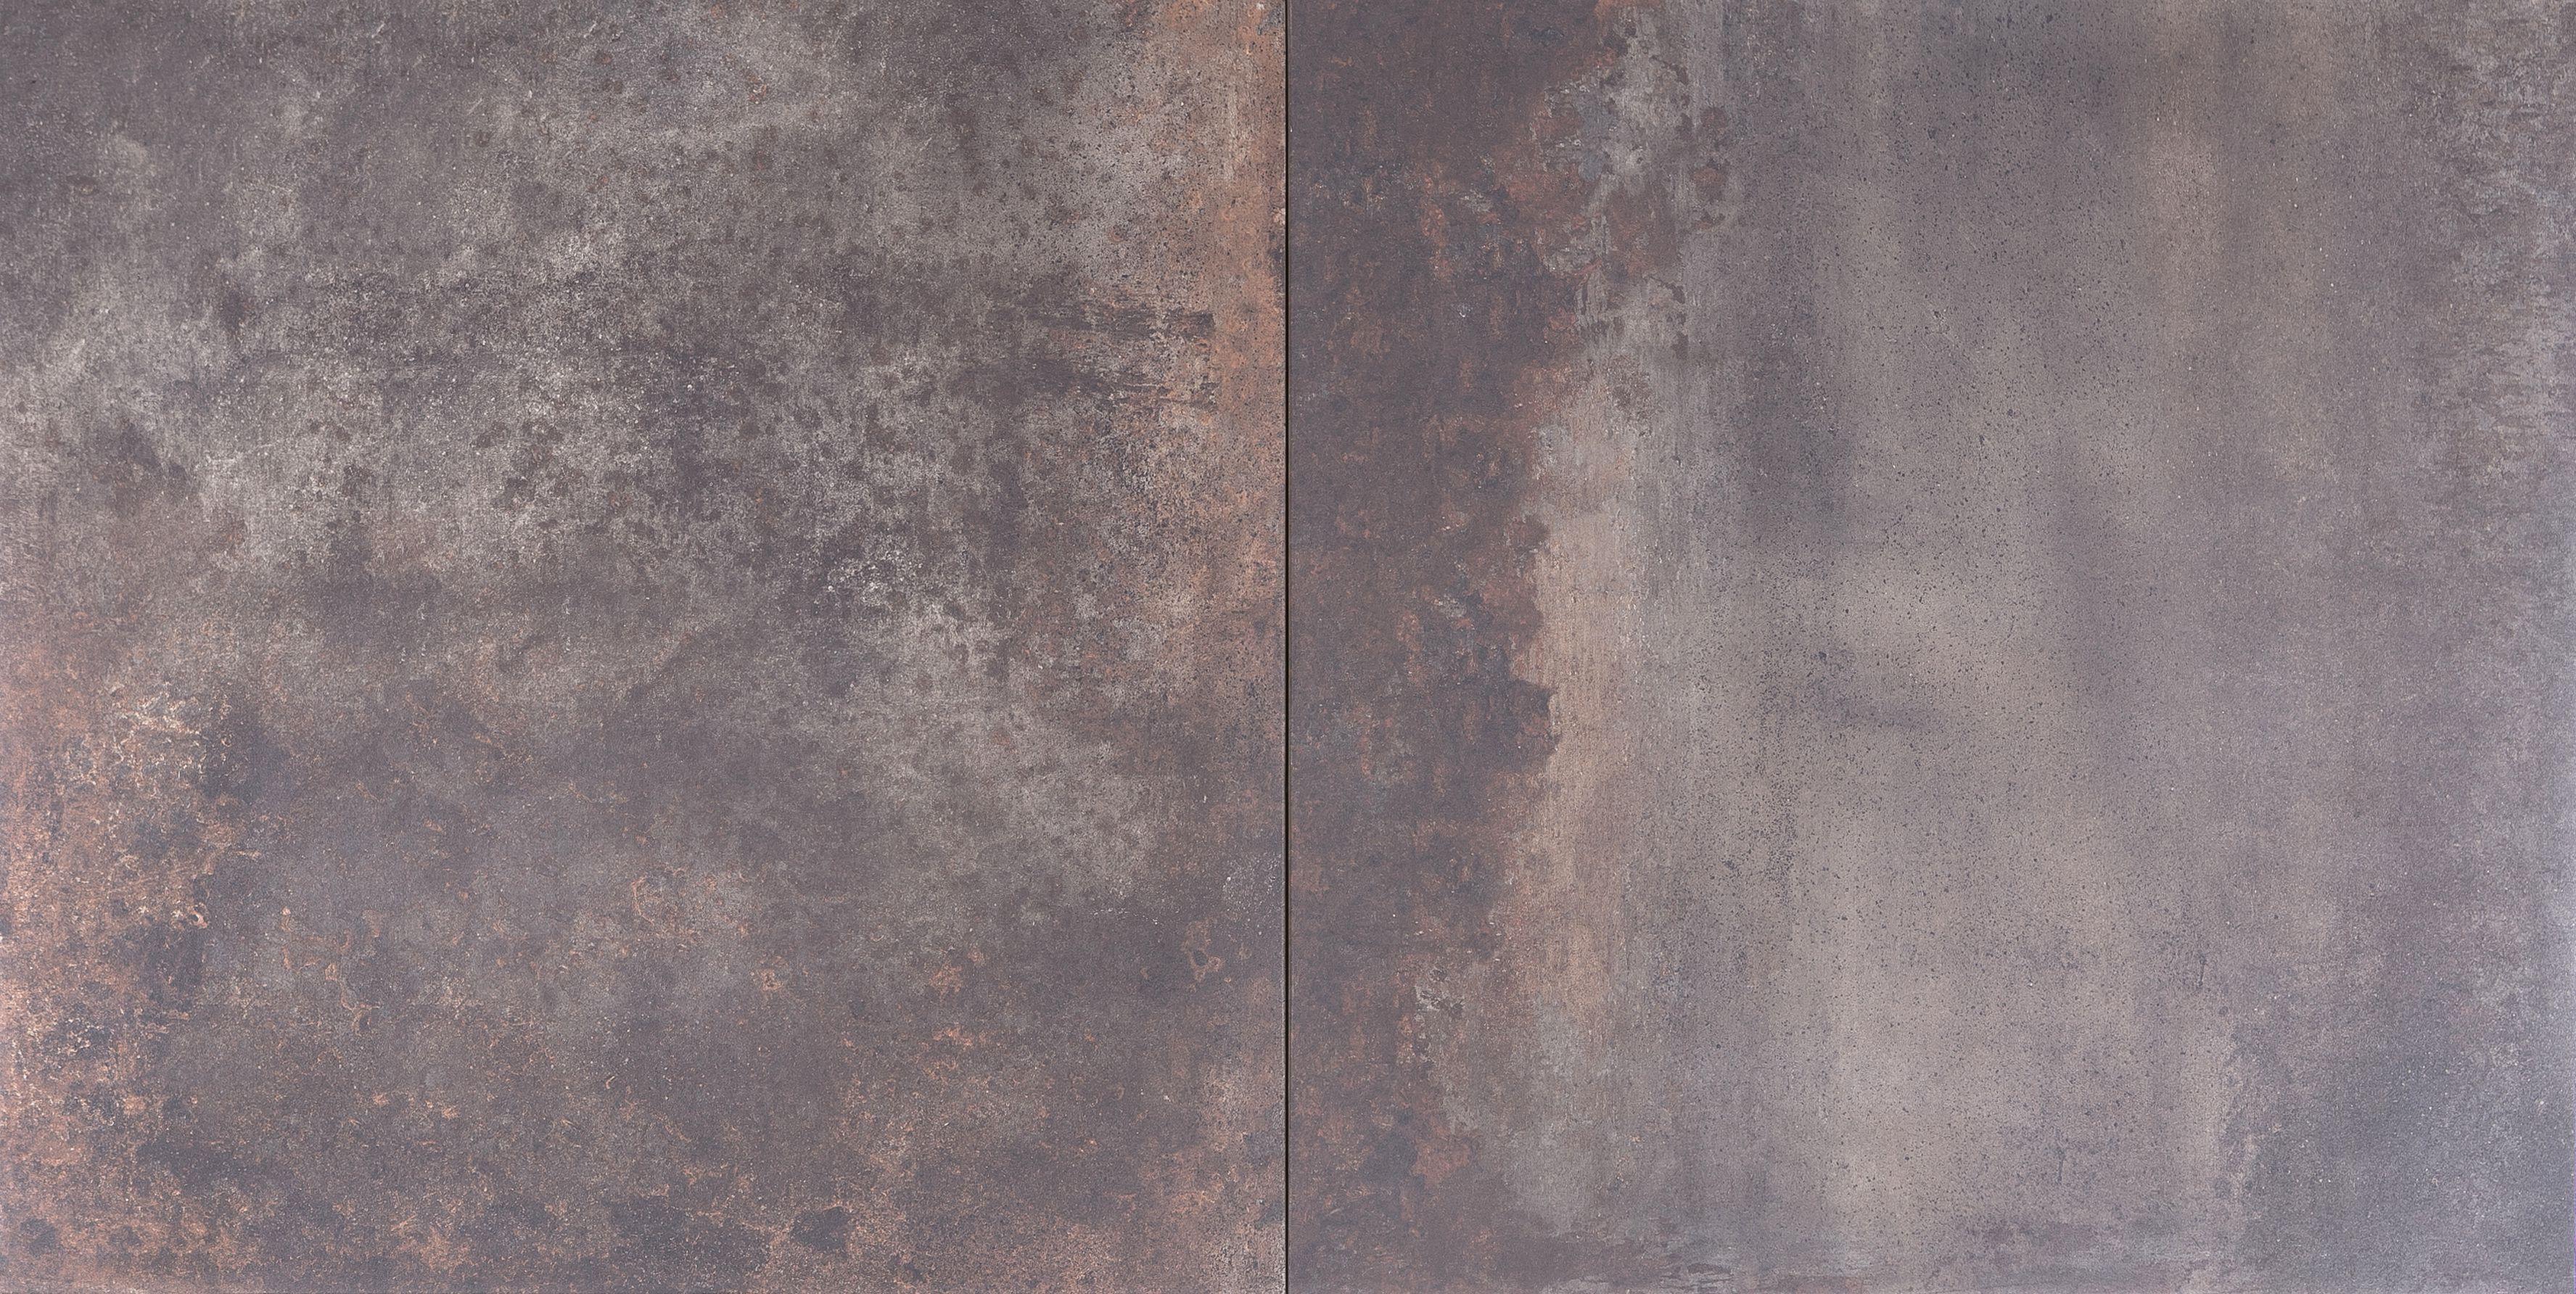 Dikte Natuursteen Tegels : Geoceramica corten steel keramische tegel dikte cm